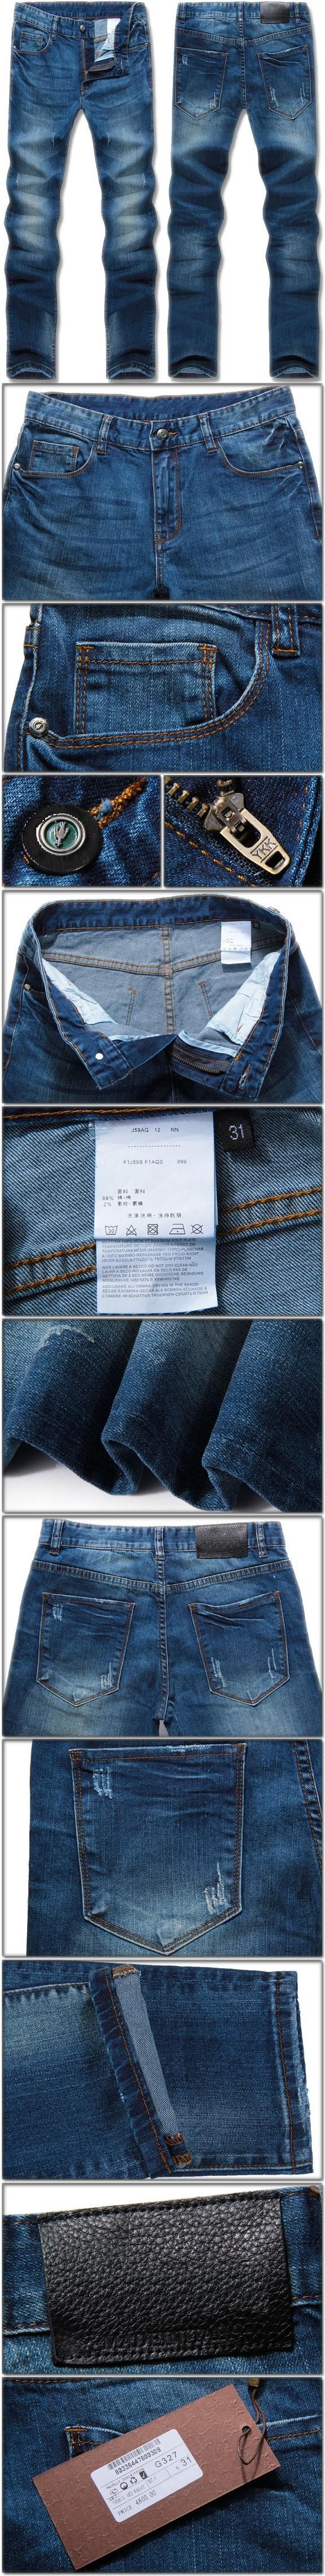 Мужские джинсы GGG s 2015 A0354